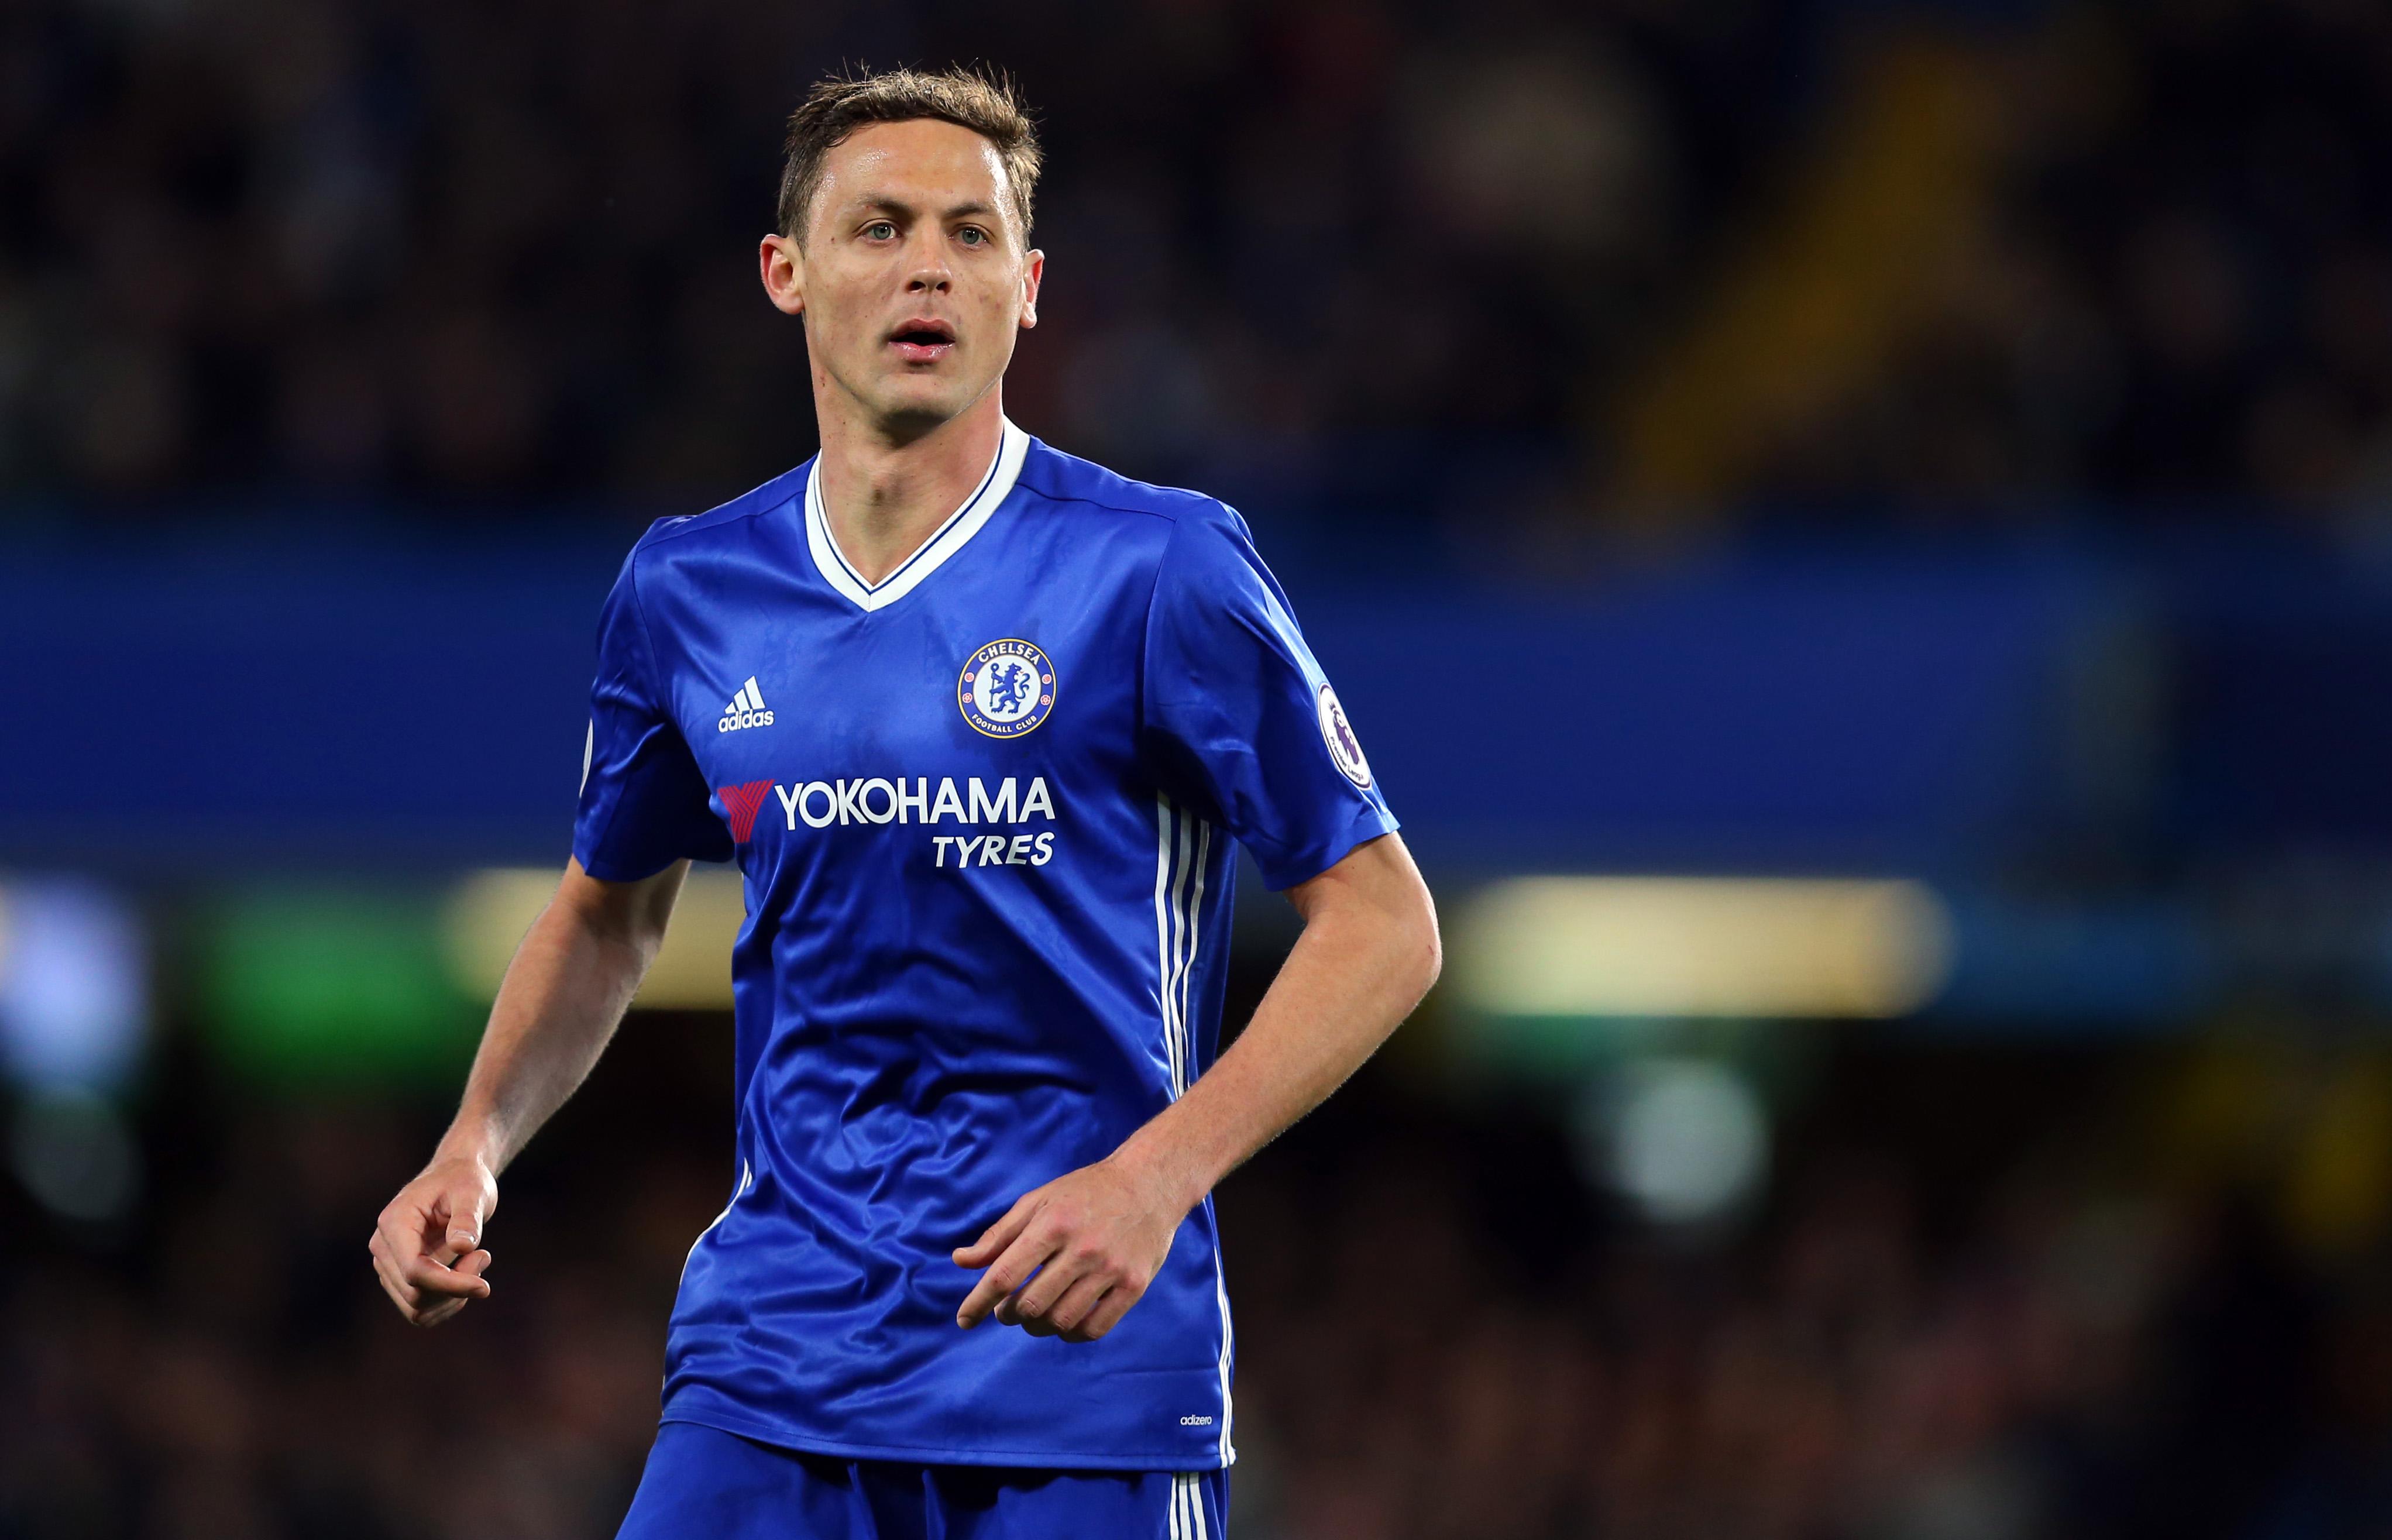 Chelsea's Nemanja Matic still keen on Manchester United transfer